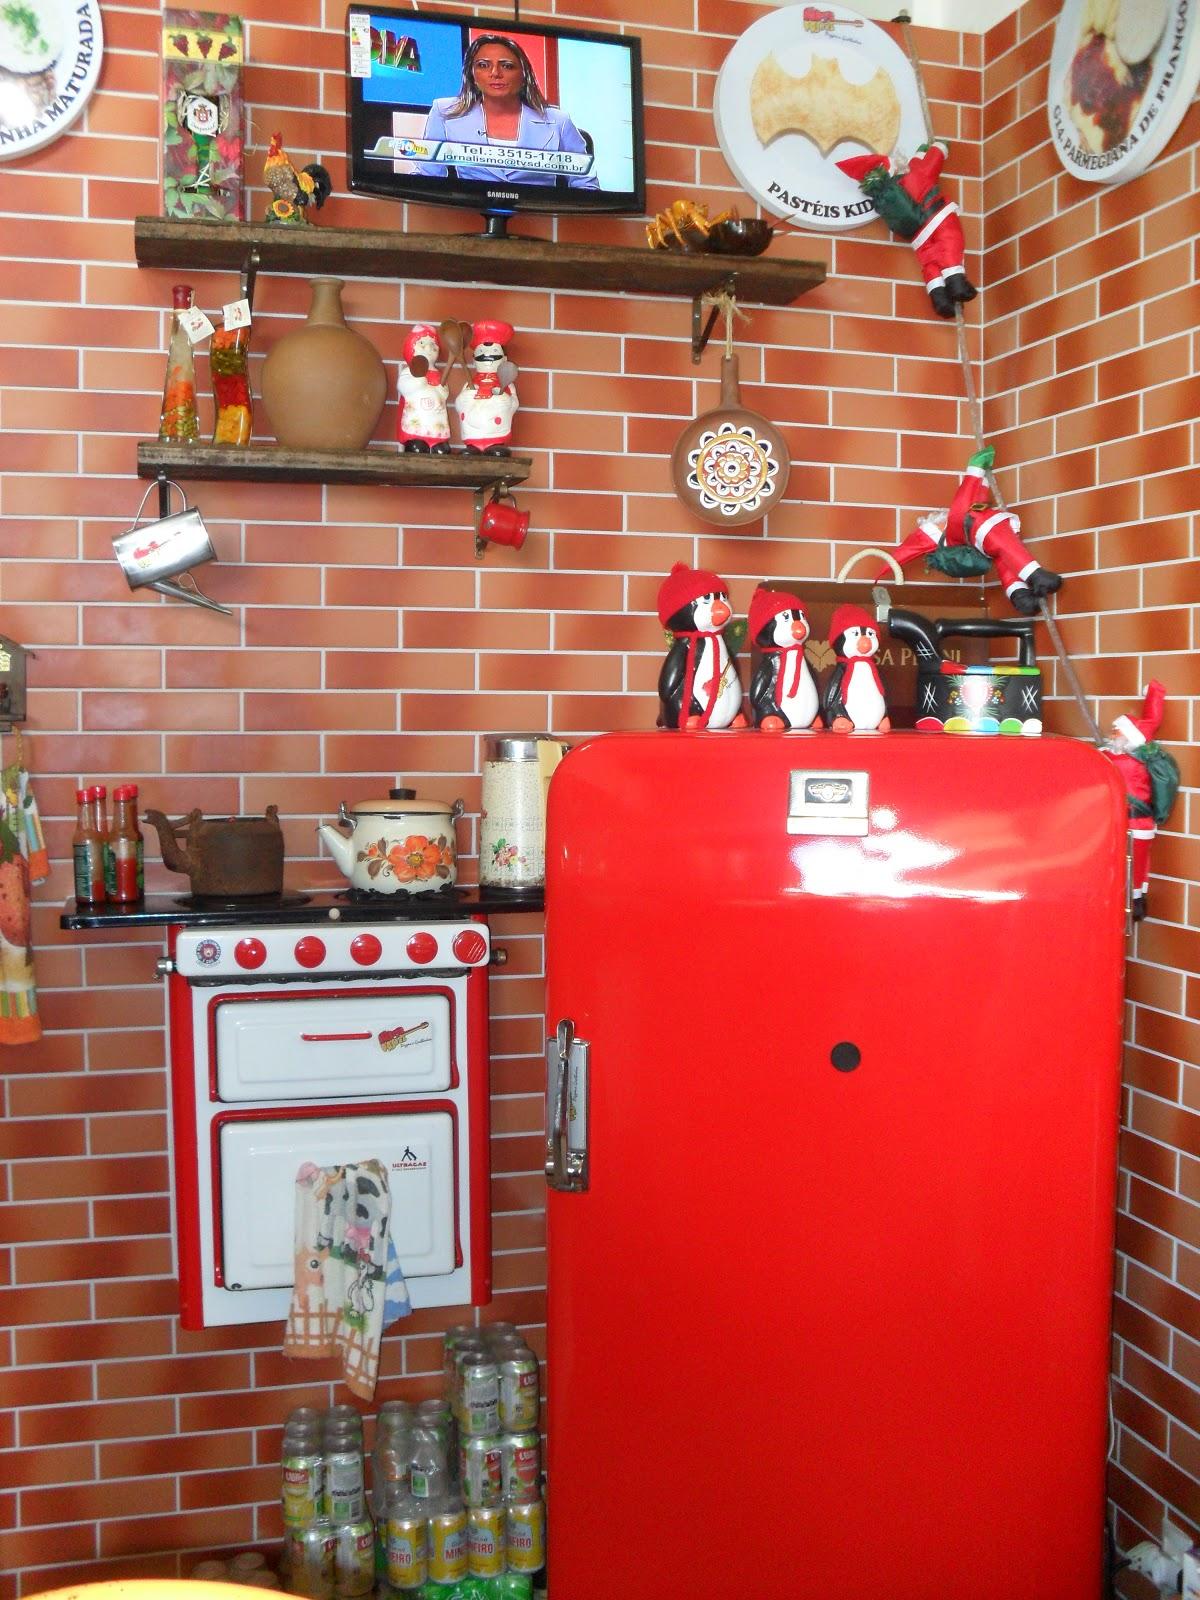 Em cima da geladeira o trio de pinguins cheios de charme e estilo  #B51816 1200 1600